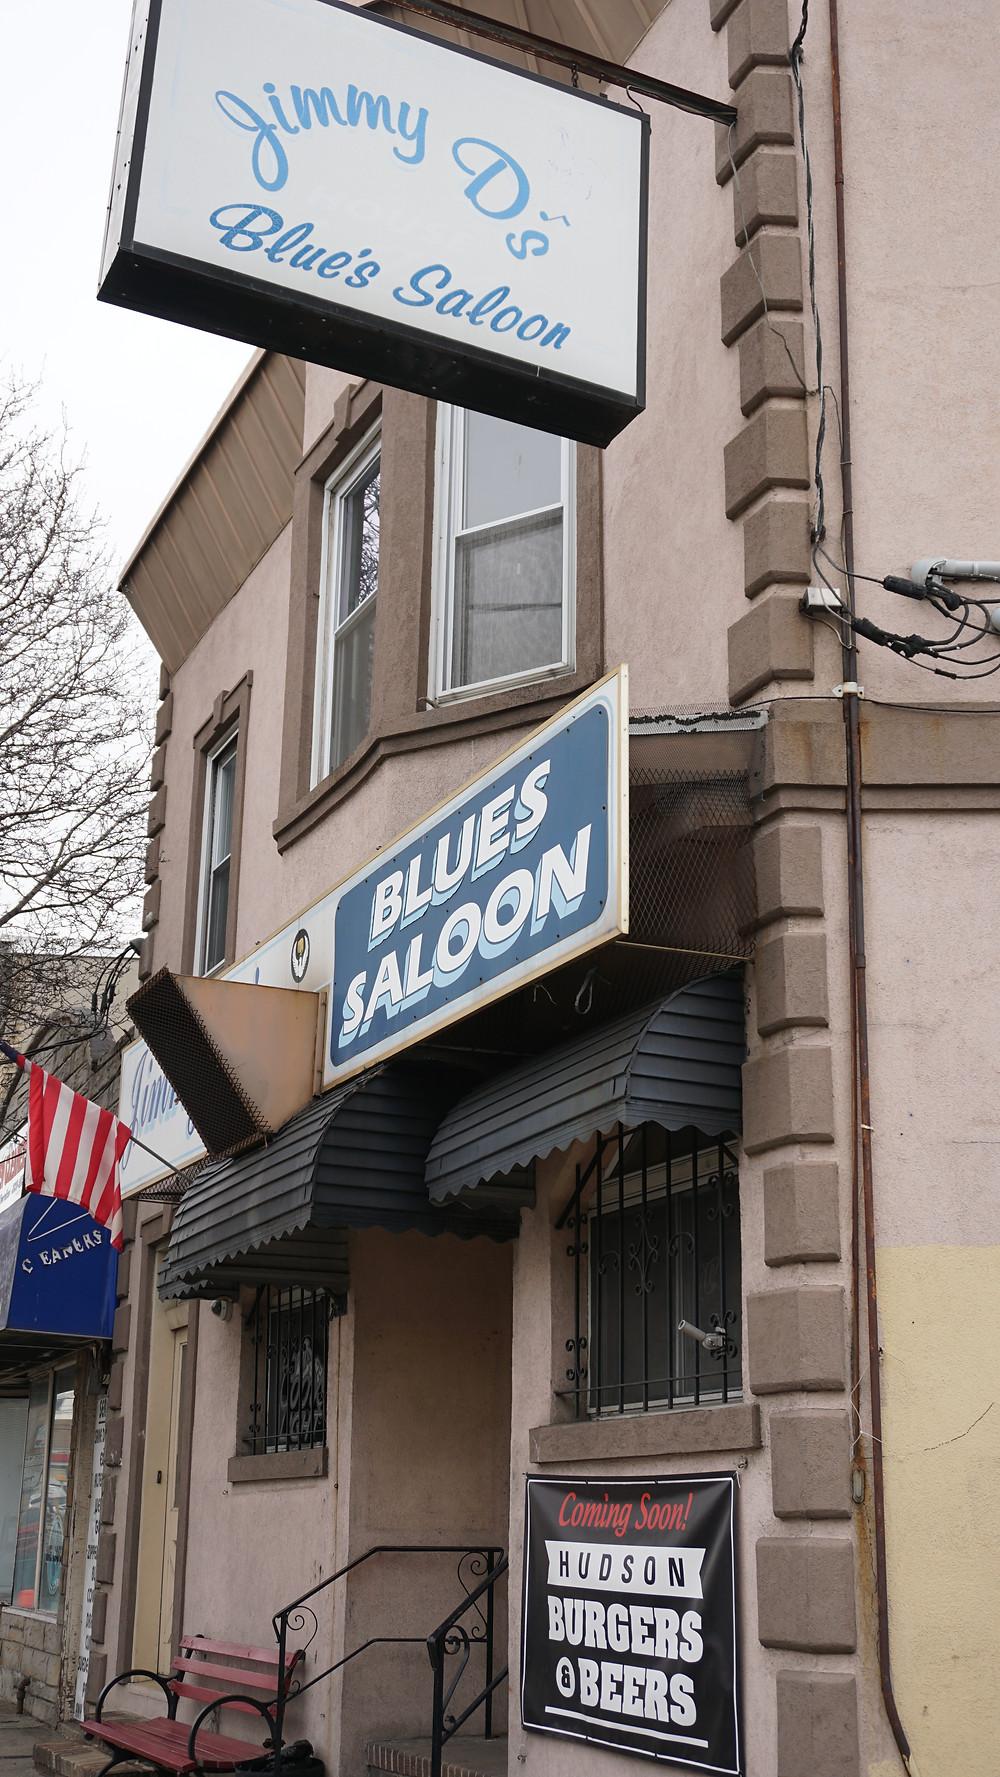 Jimmy D's Blue's Saloon